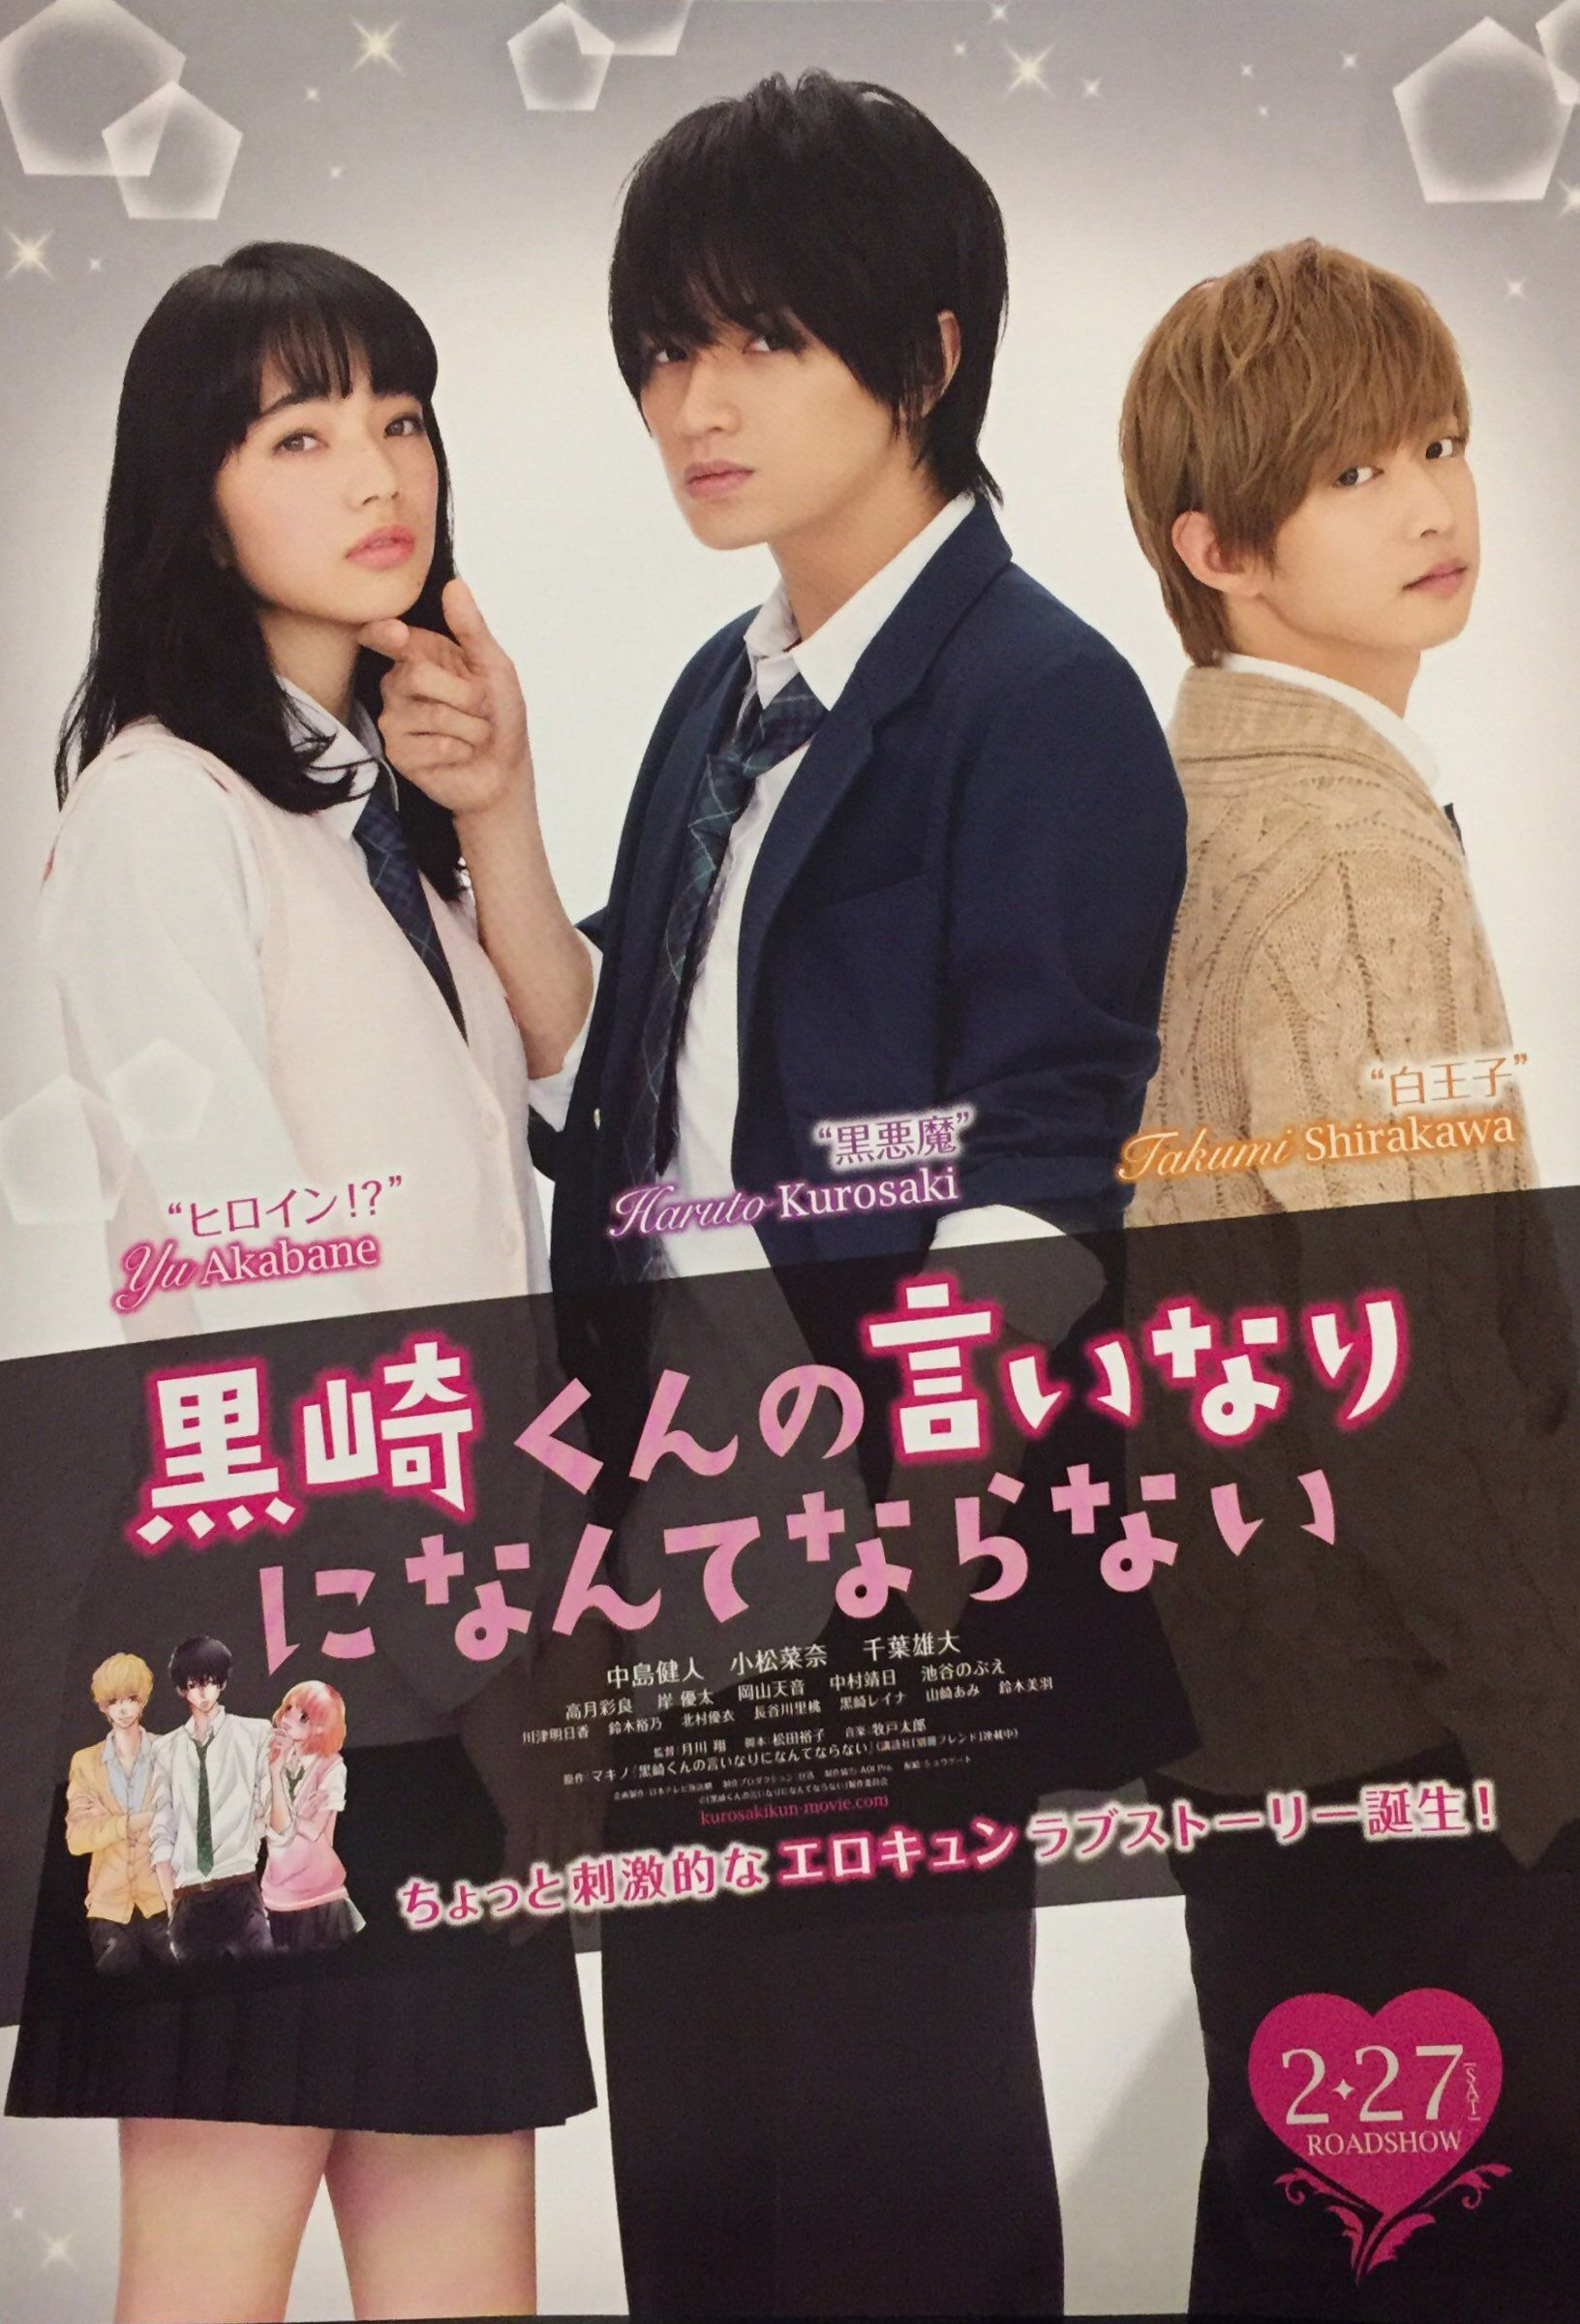 Kurosaki Kun No Iinari Ni Nante Naranai 2016 Stay Toon  F0 9f 98 98 Chinese Movies